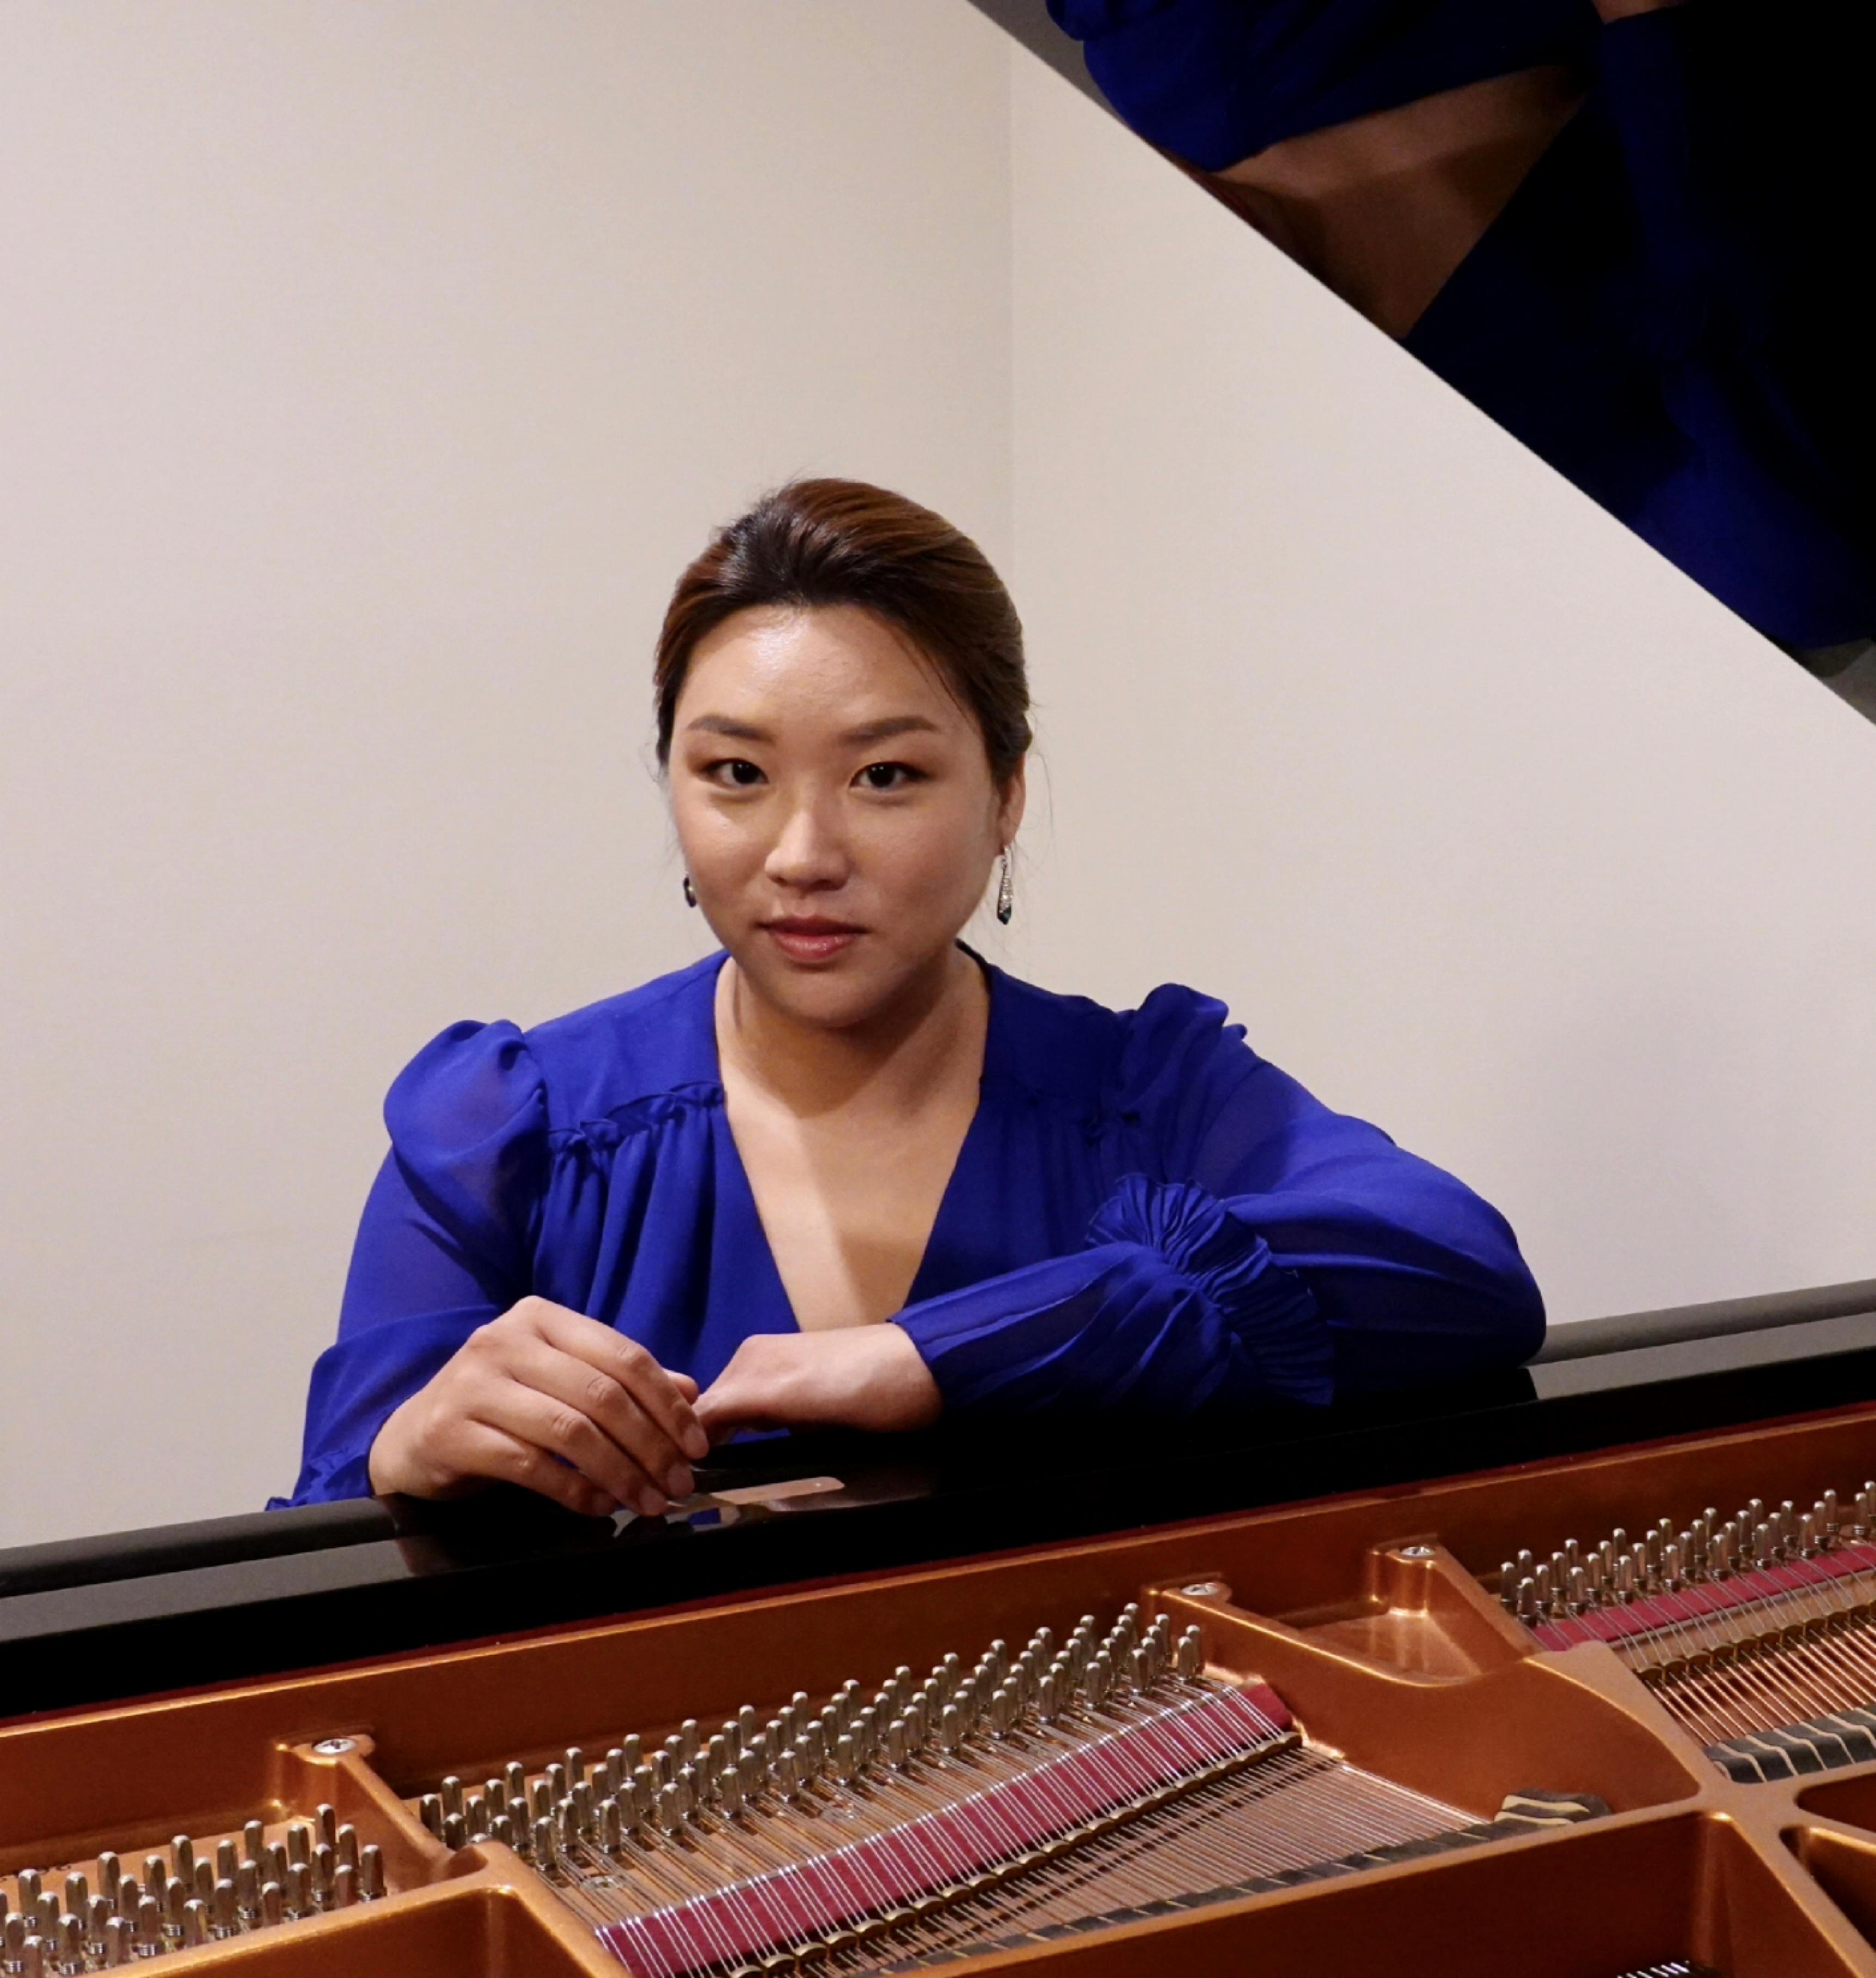 Hye-Lim Lee